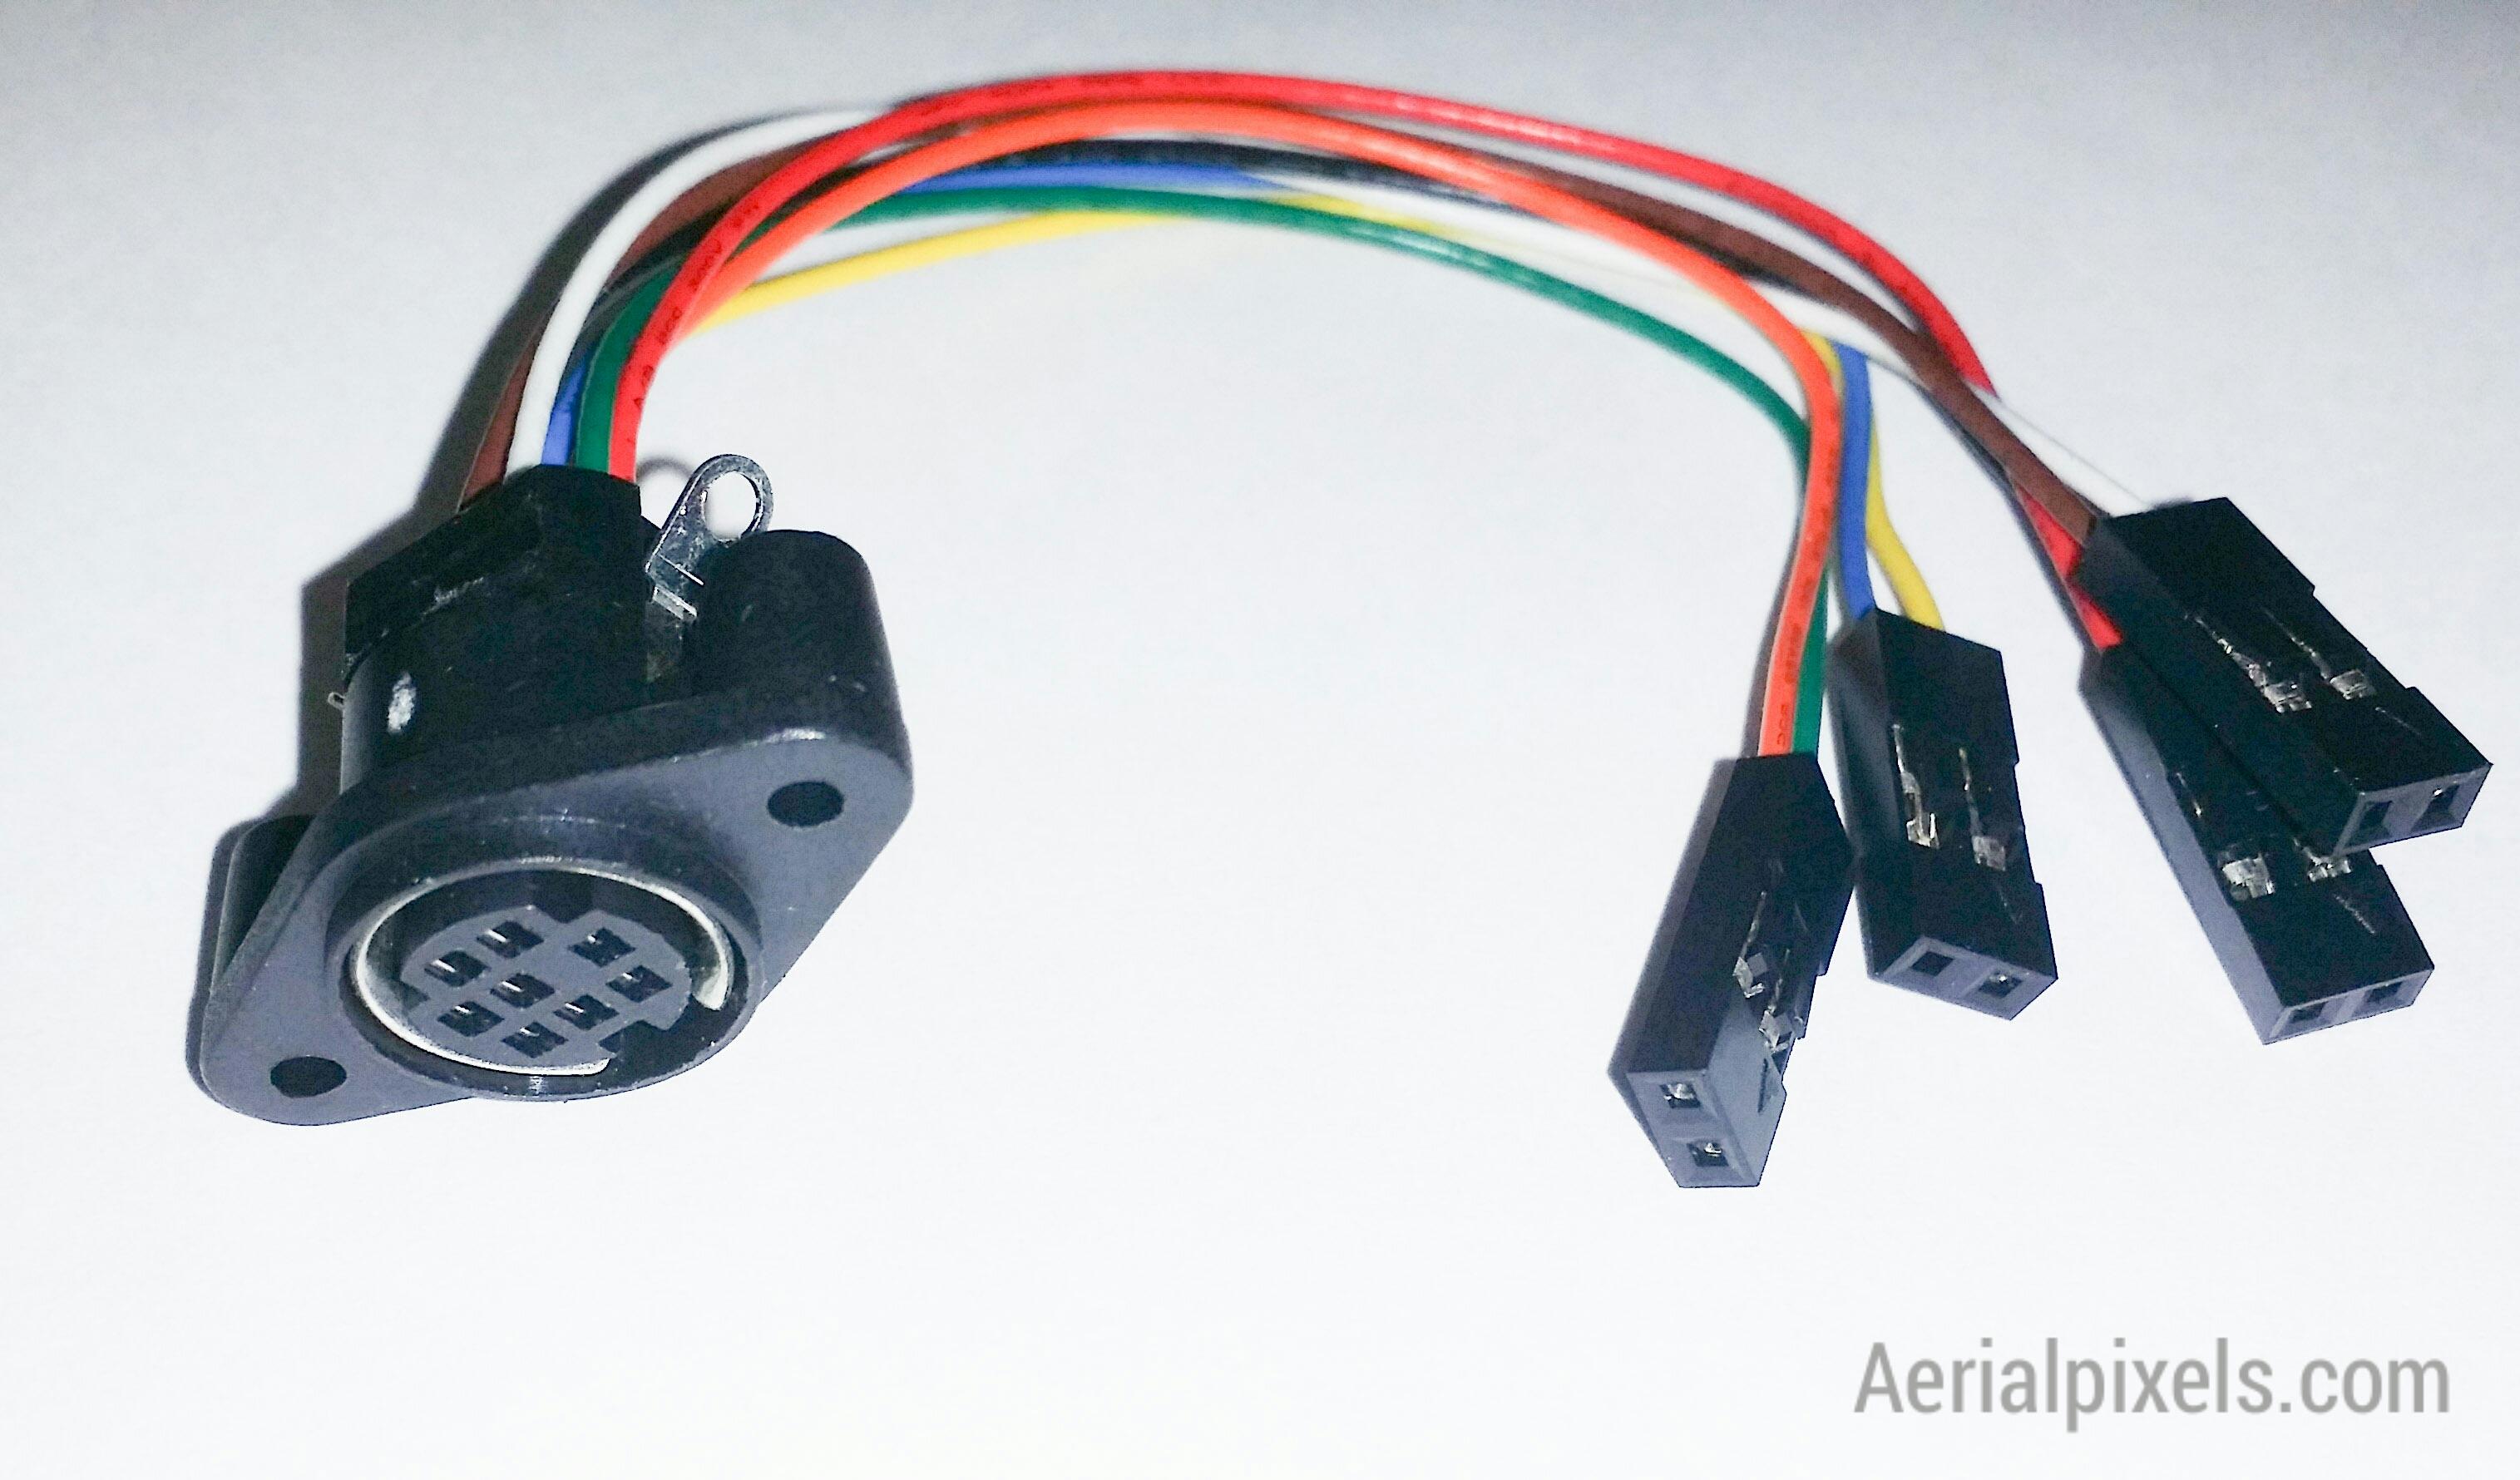 8 pin mini din plug pinout choice image